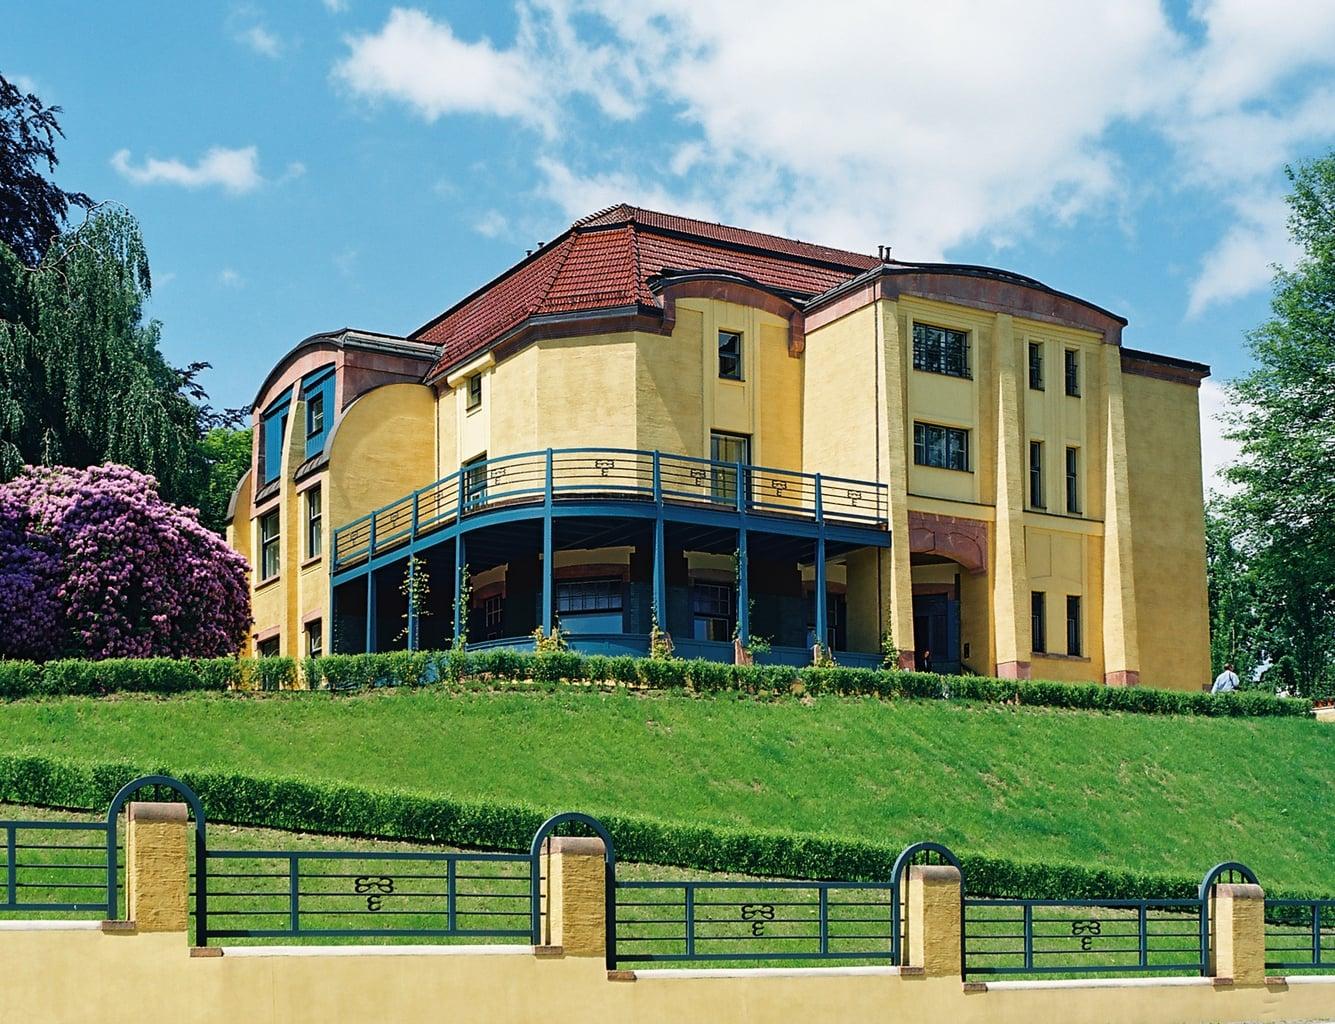 De Villa Esche in de stad Chemnitz is een van de tien toppers in Saksen